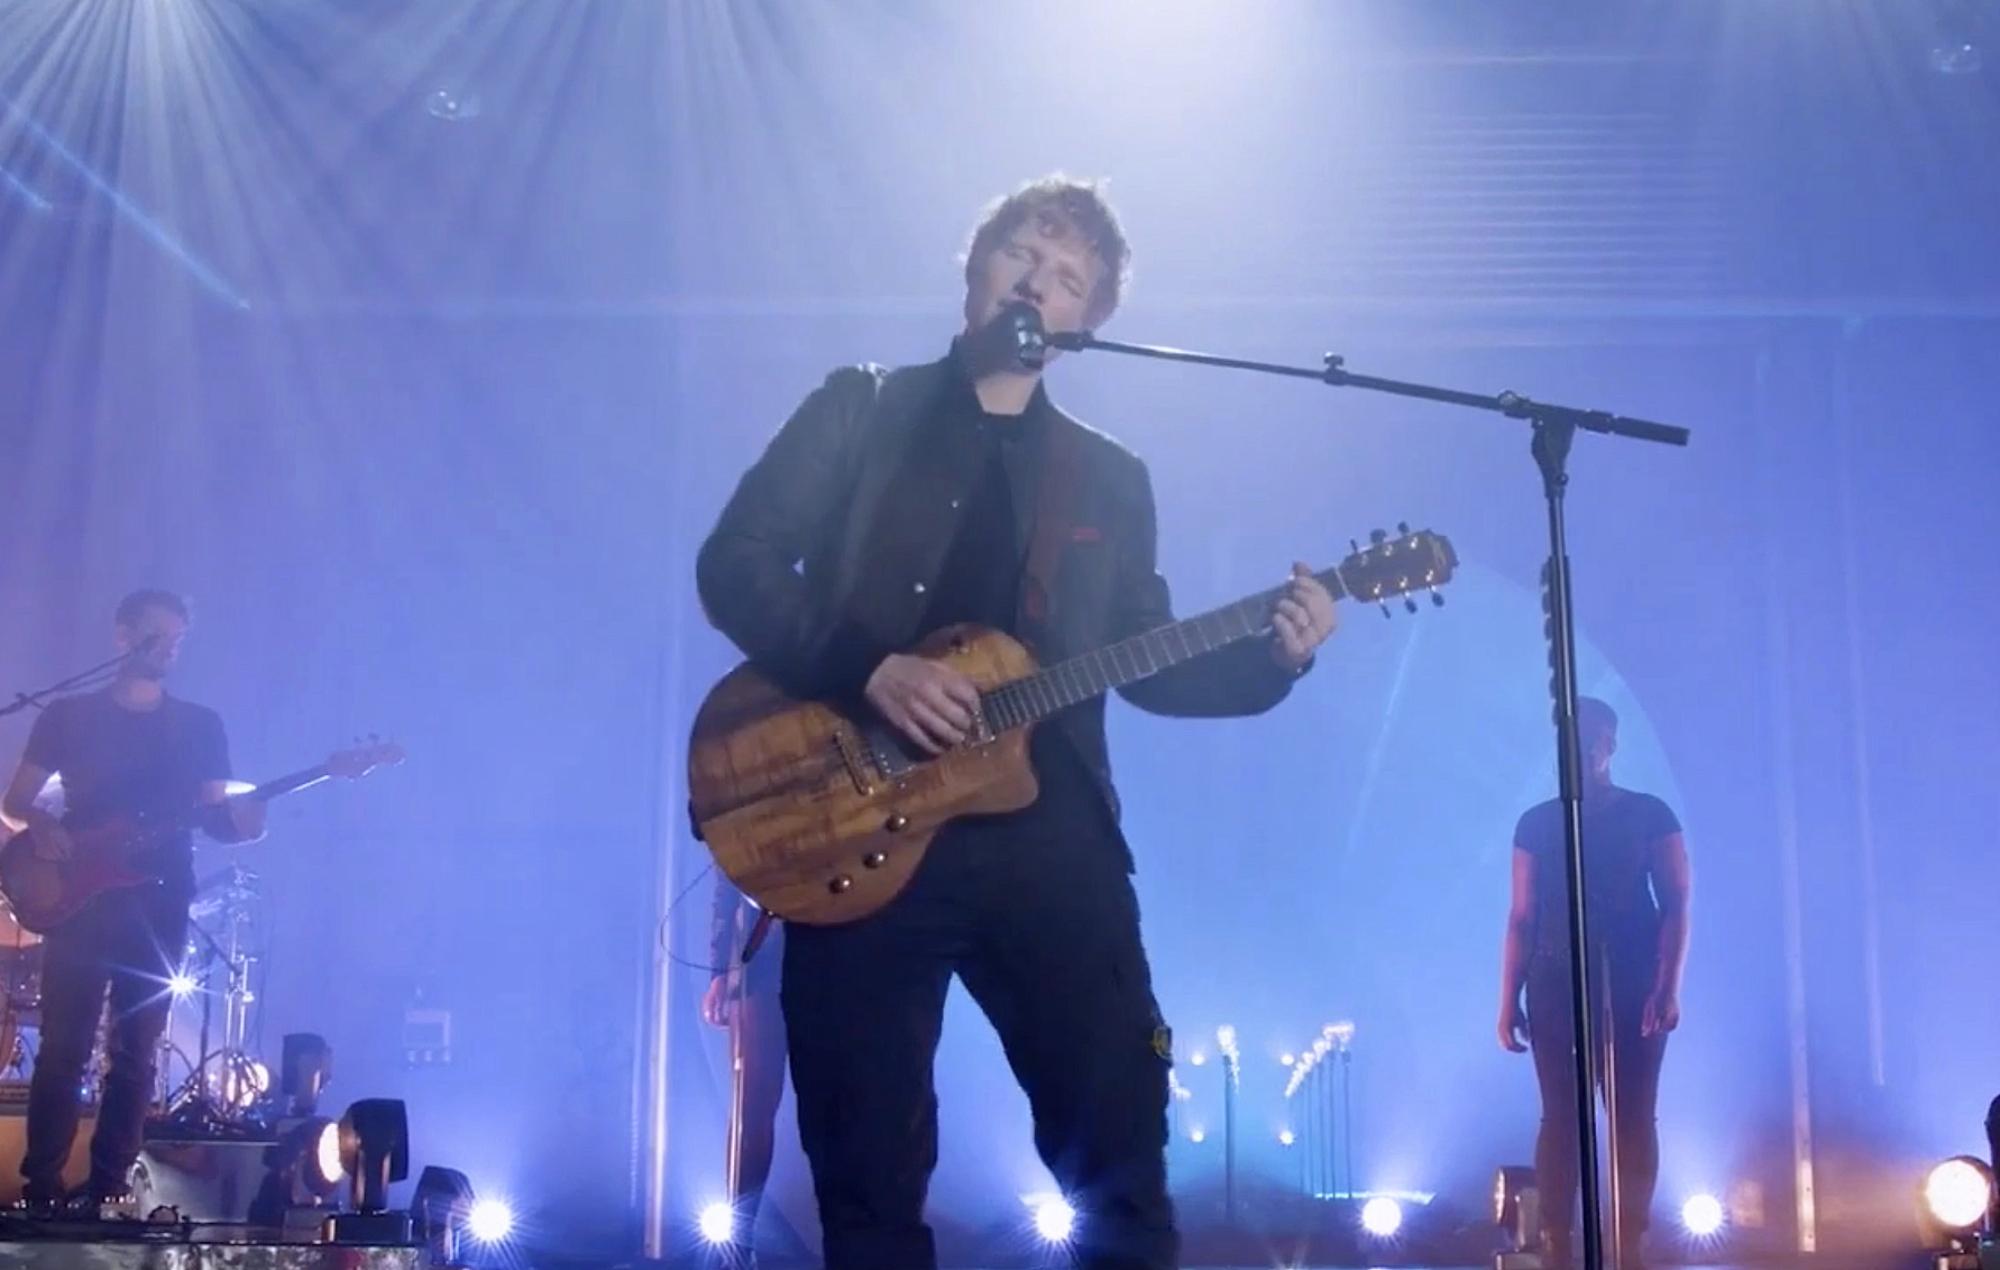 Ed Sheeran debut